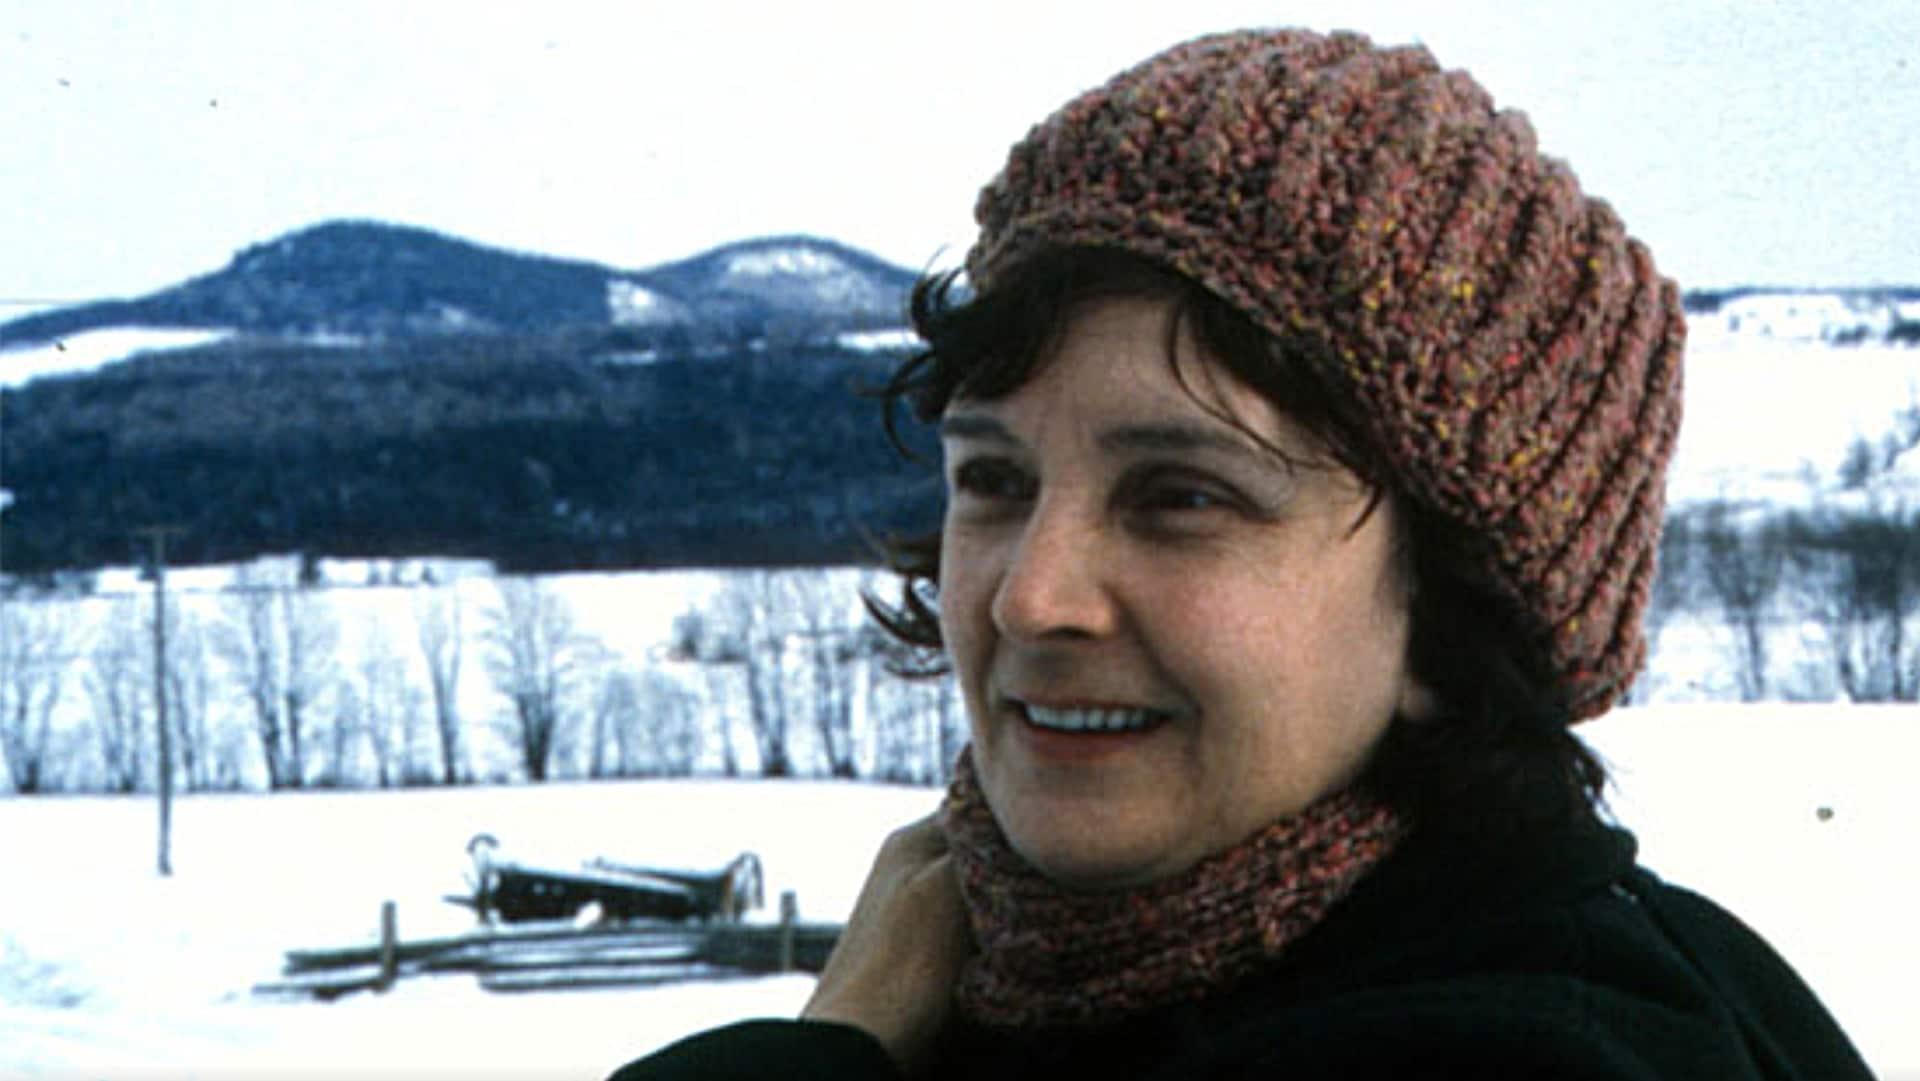 Simonne Monet-Chartrand apparaît en hiver, vêtue d'un bonnet.